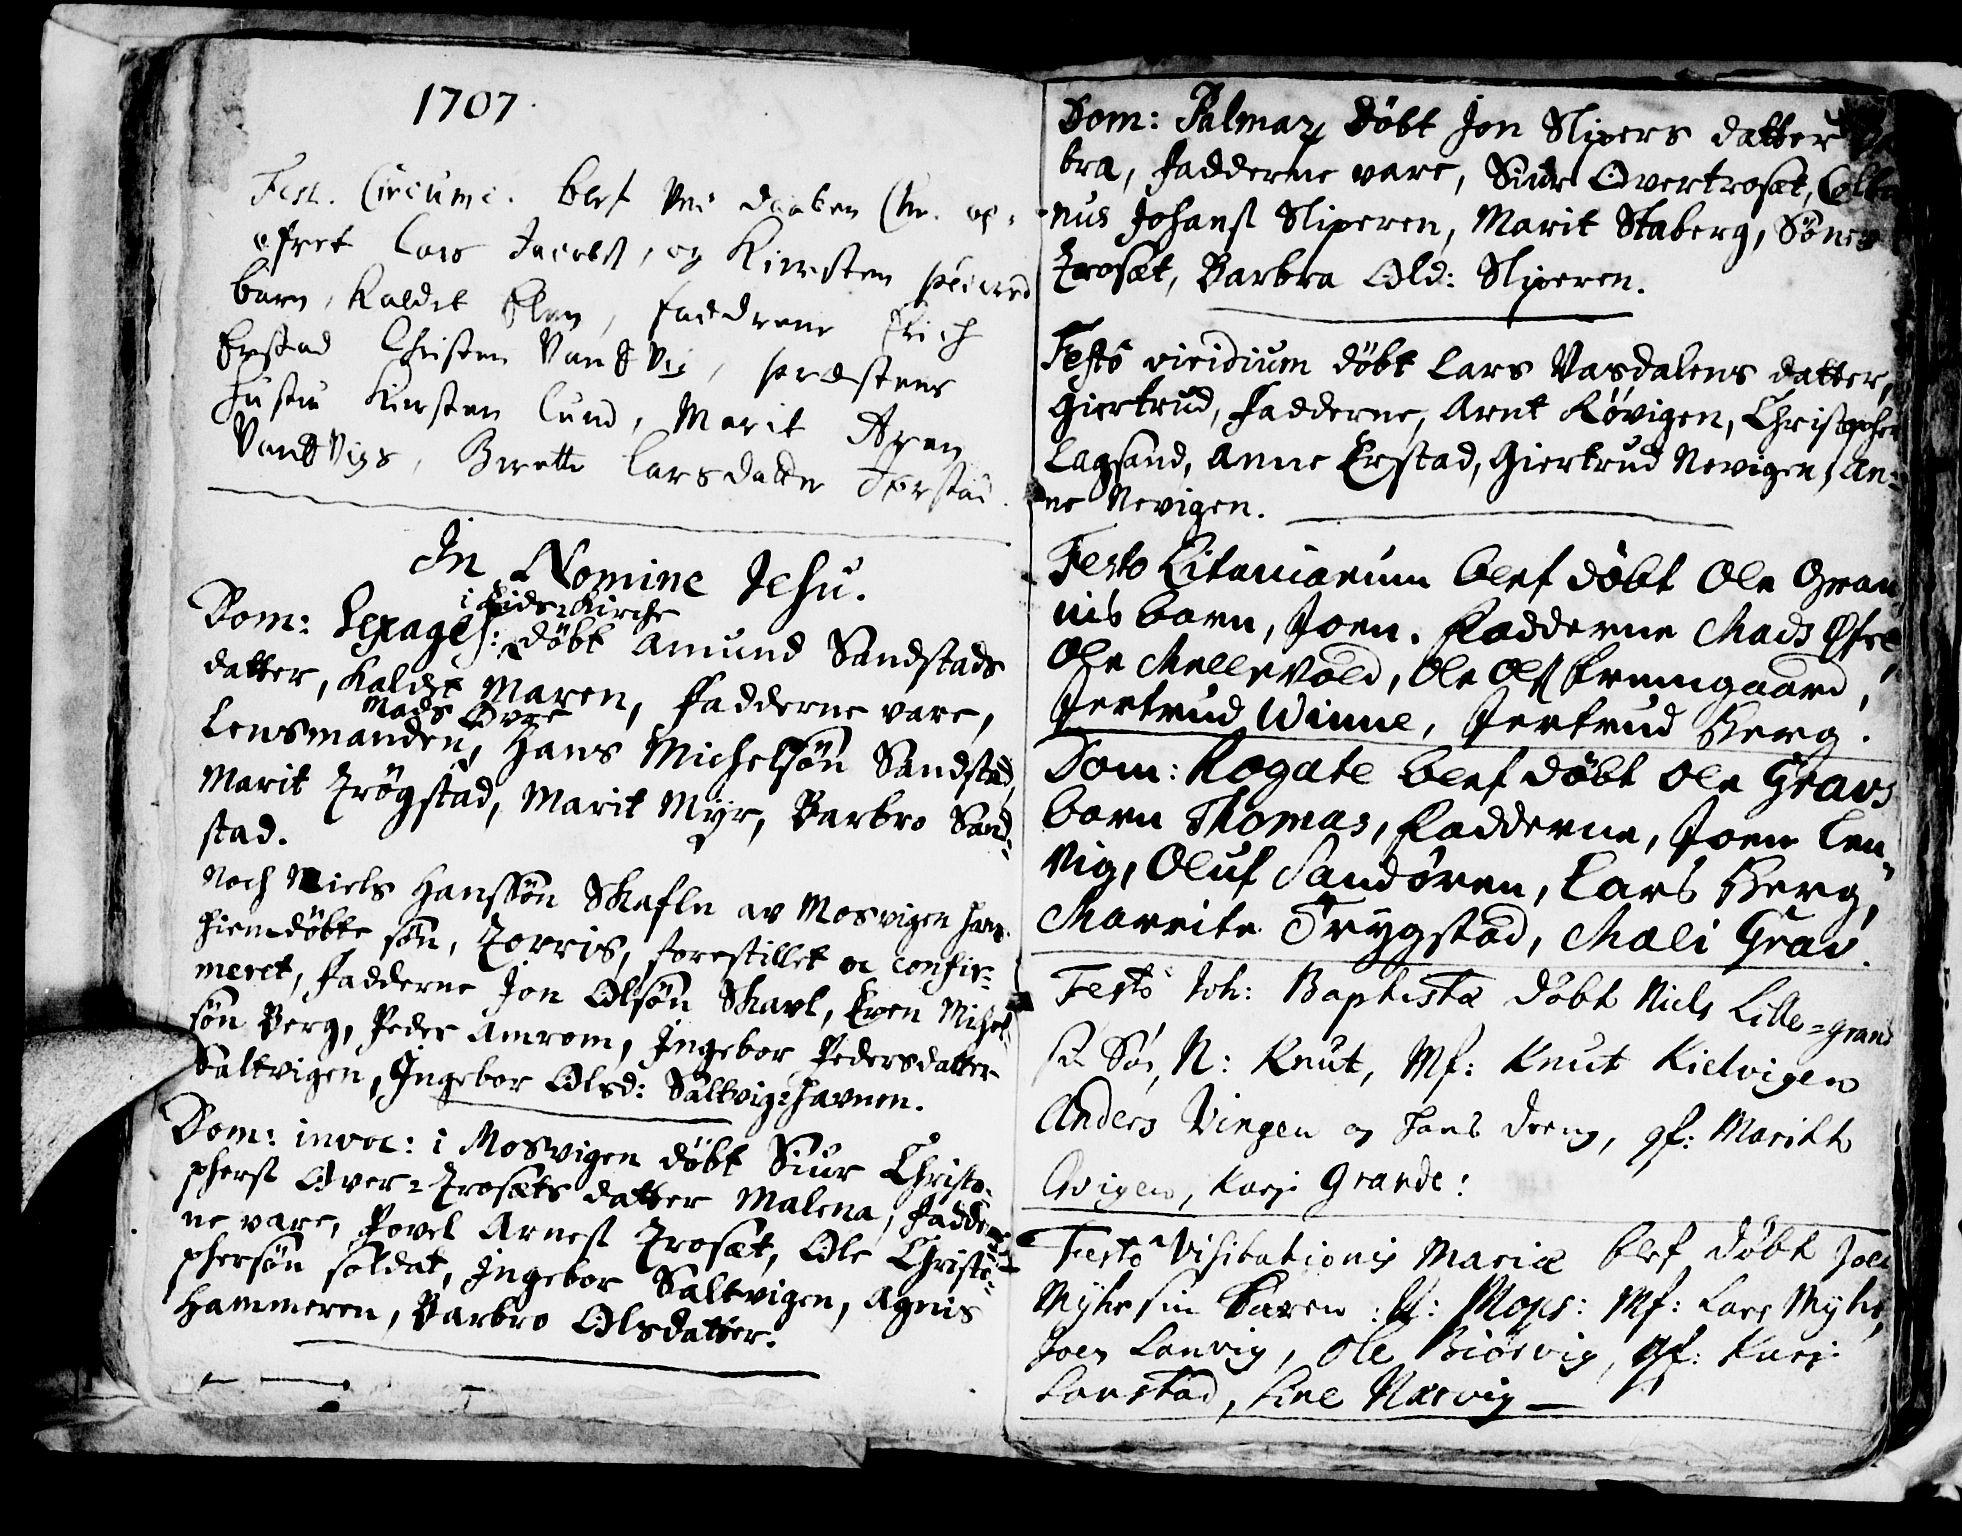 SAT, Ministerialprotokoller, klokkerbøker og fødselsregistre - Nord-Trøndelag, 722/L0214: Ministerialbok nr. 722A01, 1692-1718, s. 44